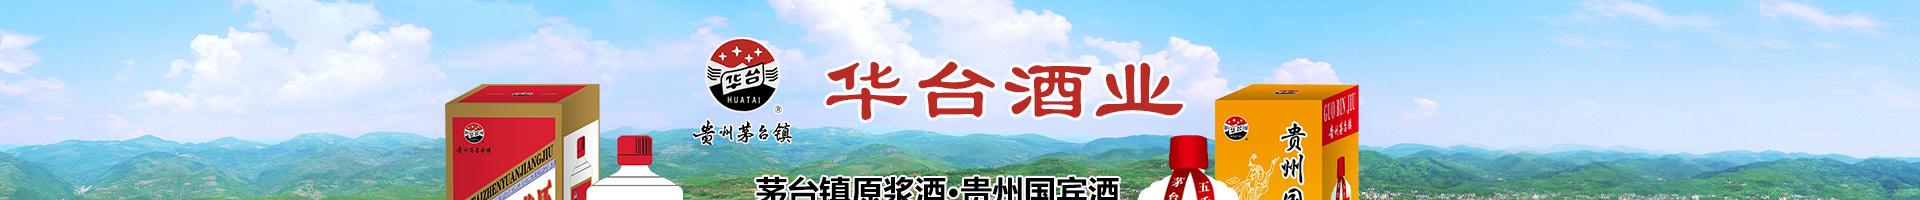 贵州华台酒业